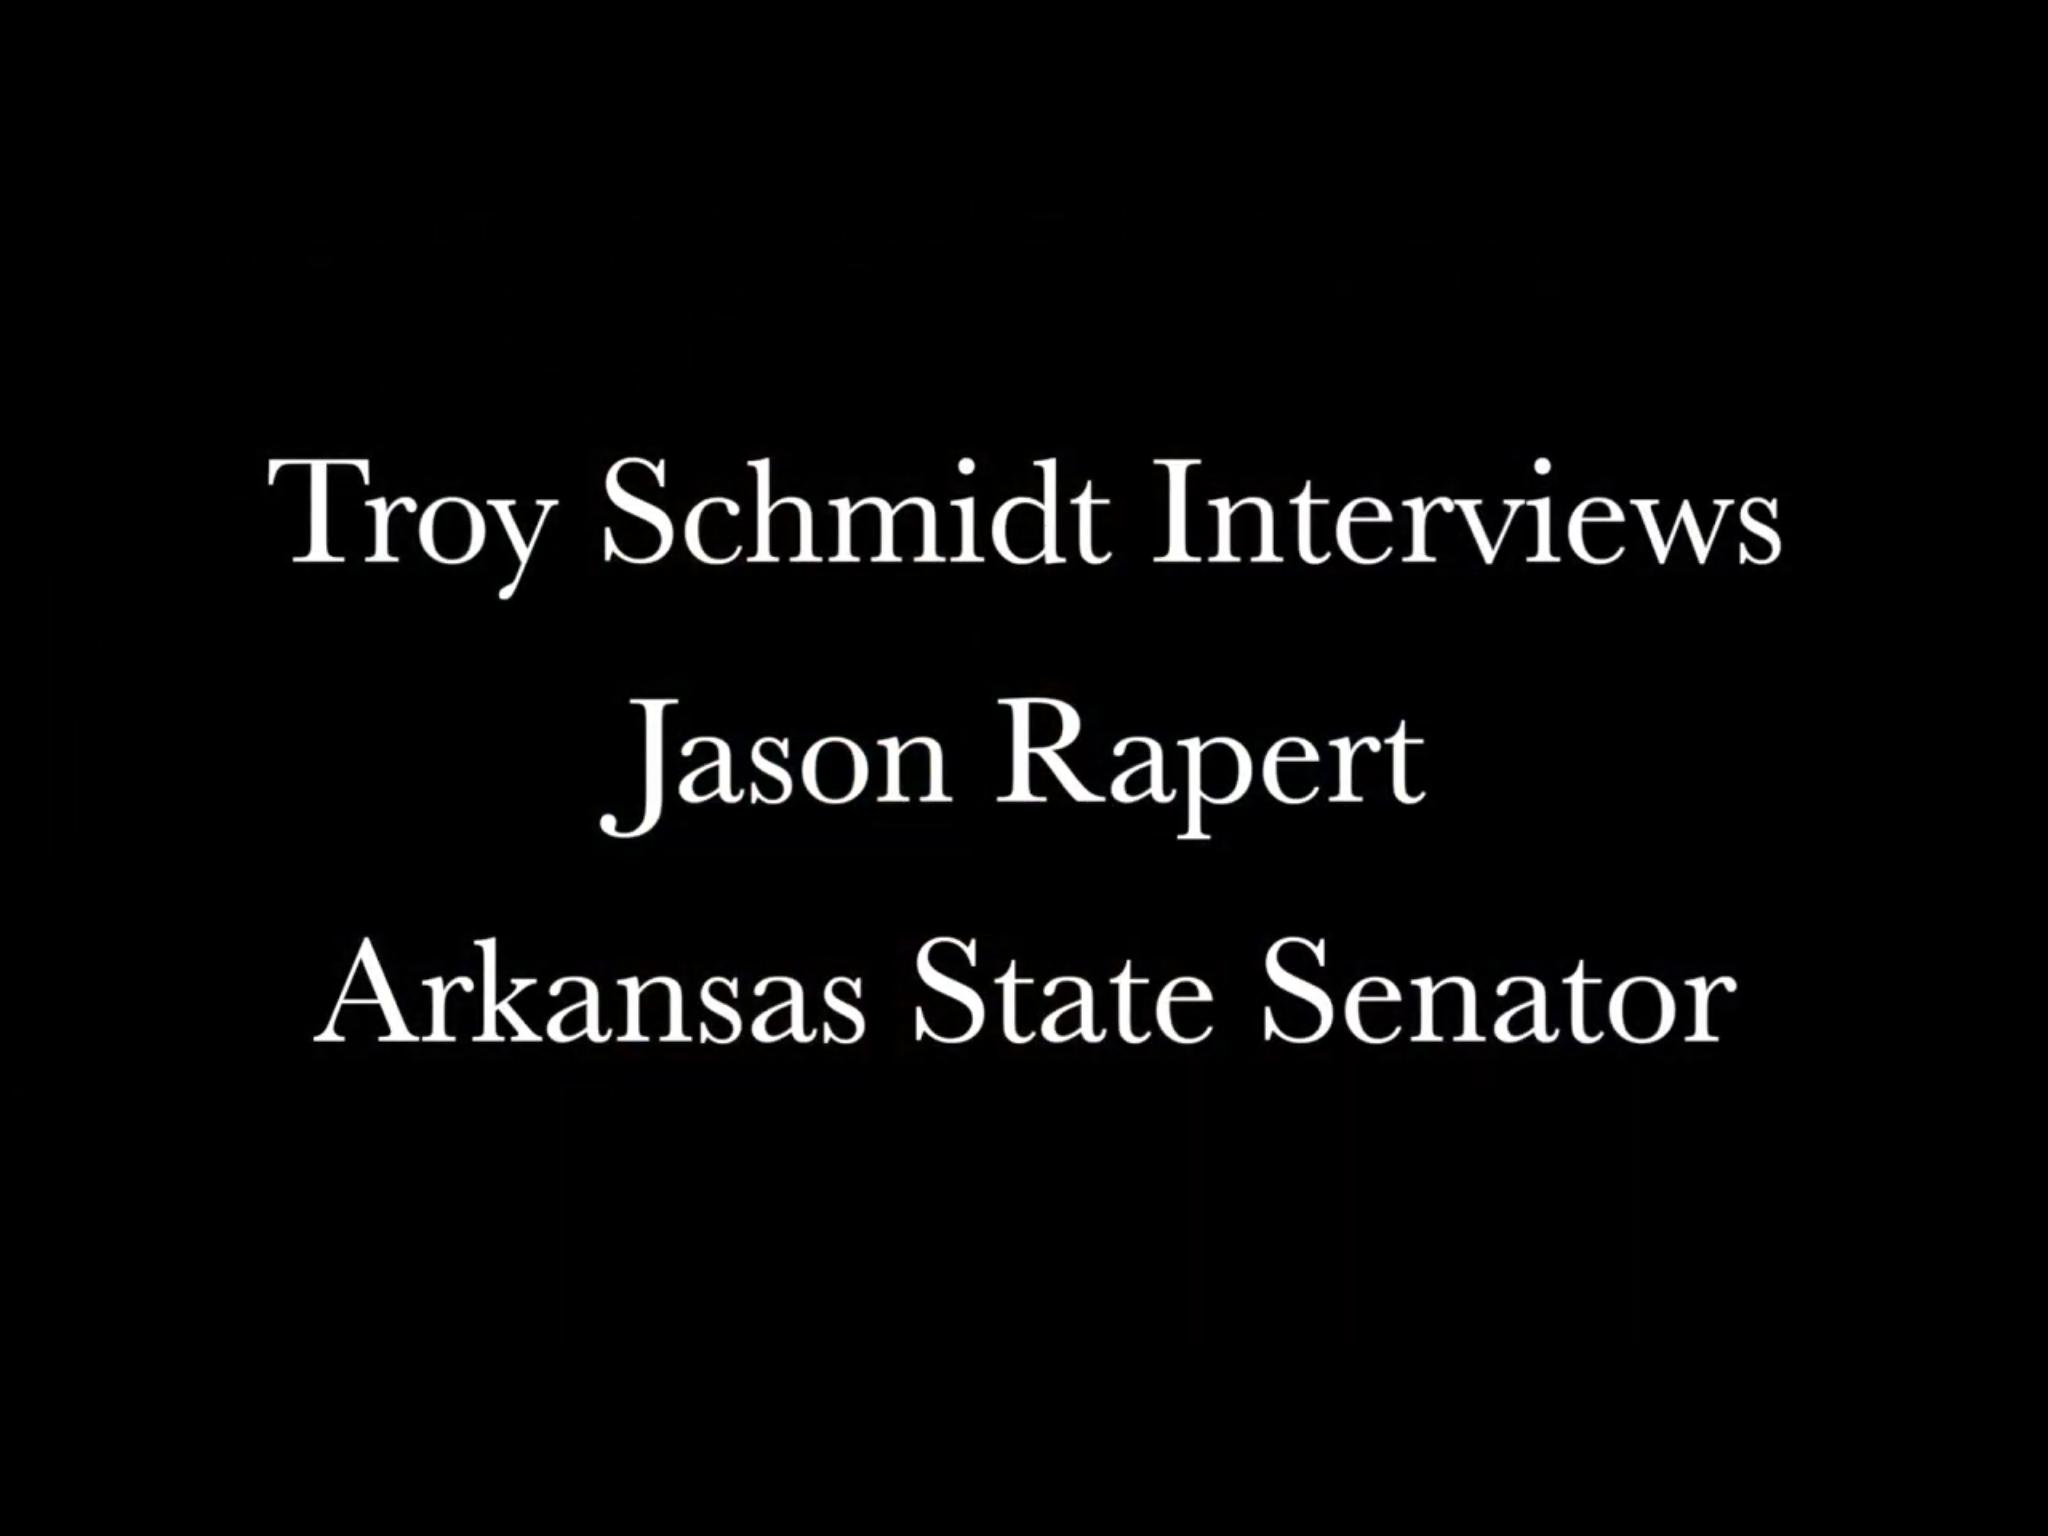 Troy Schmidt interviews Jason Rapert